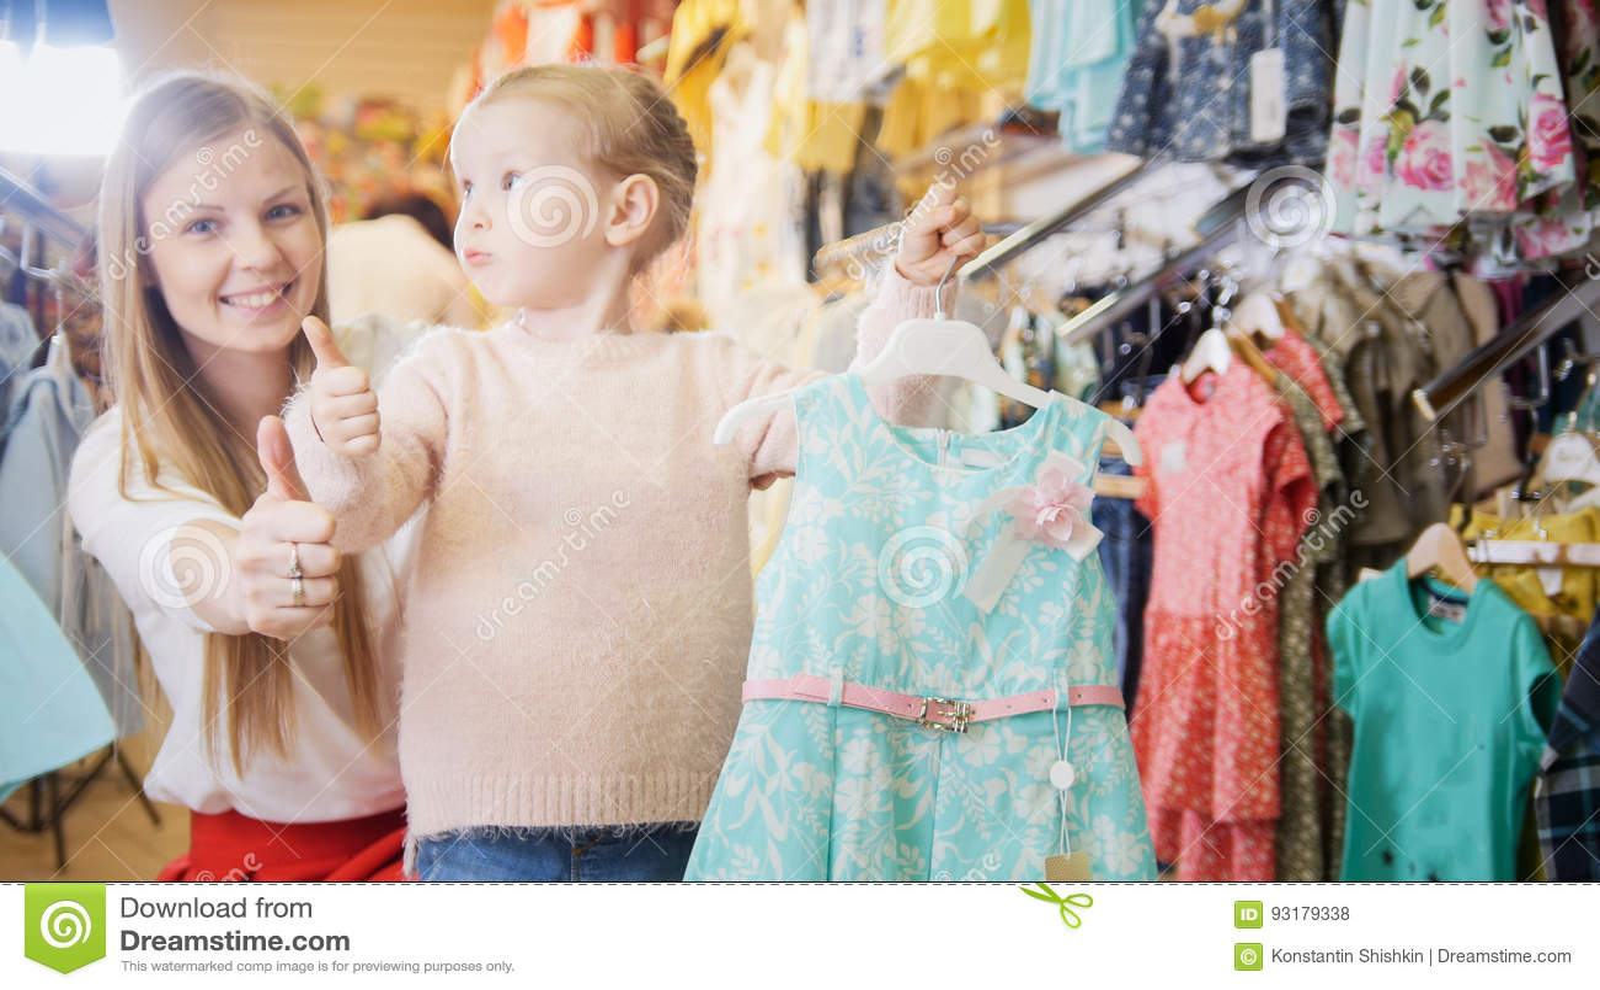 670856f4f996 Mime Y Su Pequeña Compra De La Hija Un Vestido Azul Del Verano Foto ...